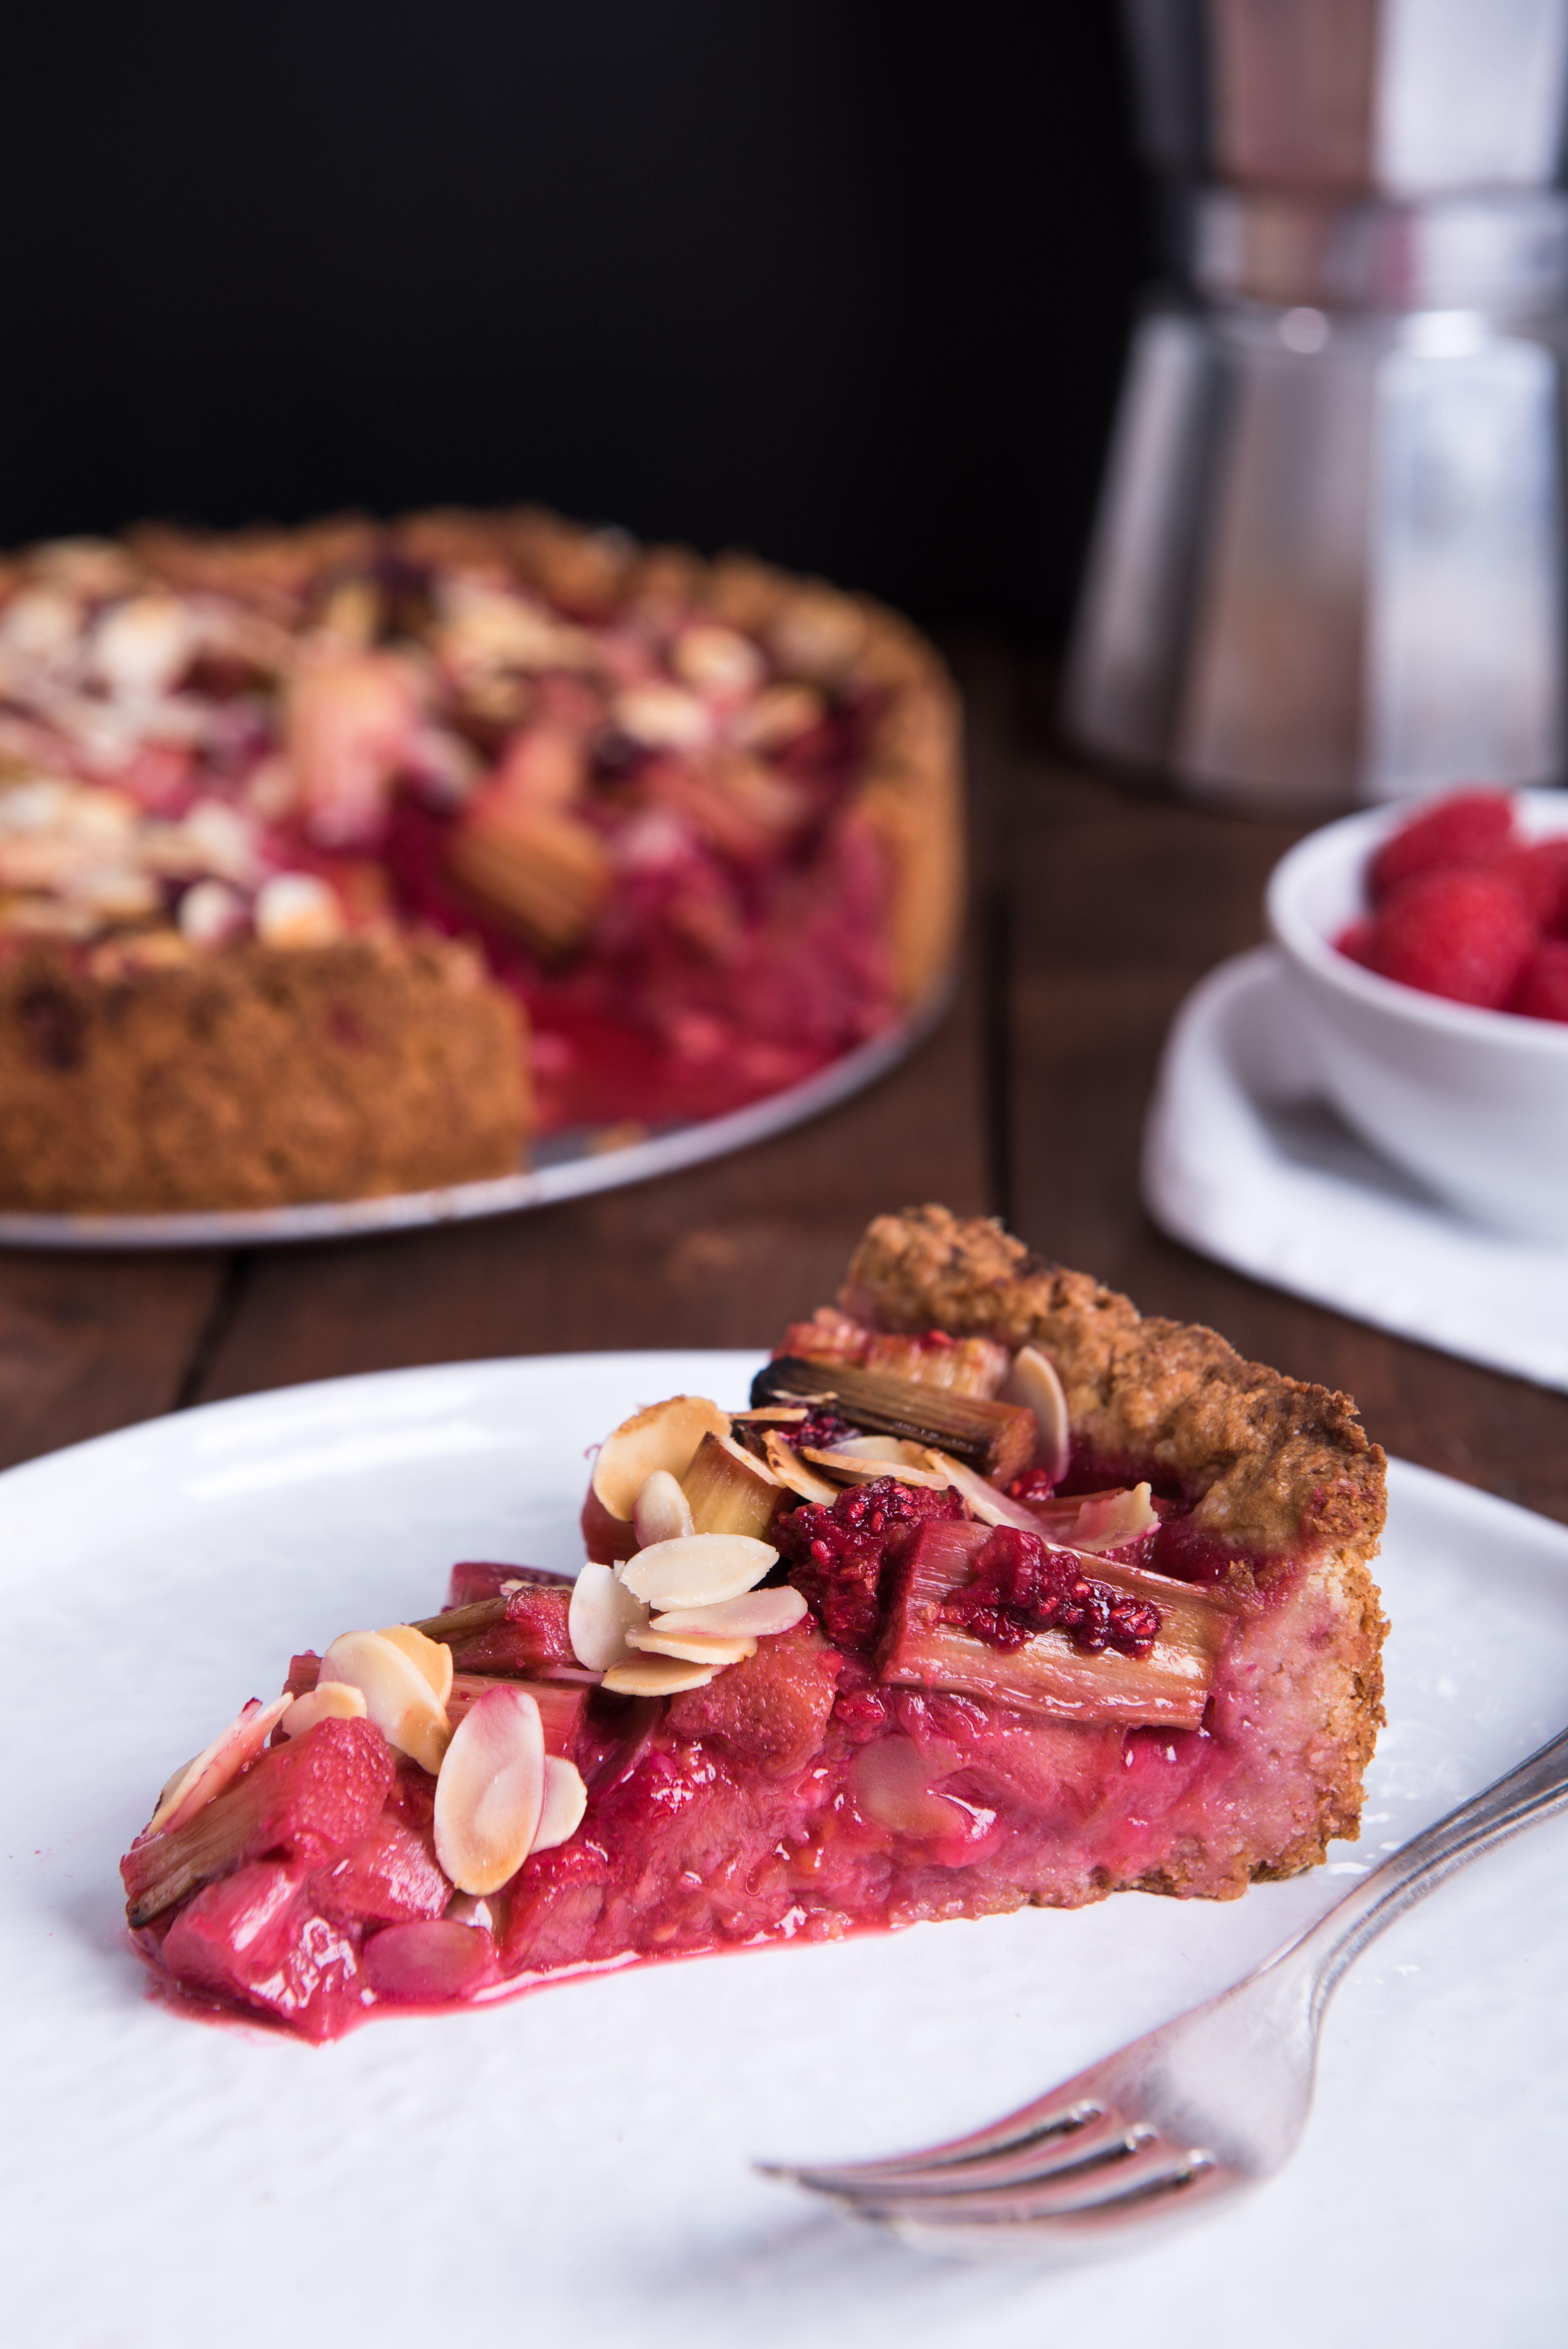 Rhabarber Himbeer Kuchen Rezept Himbeer Kuchen Kochen Und Backen Und Lebensmittel Essen